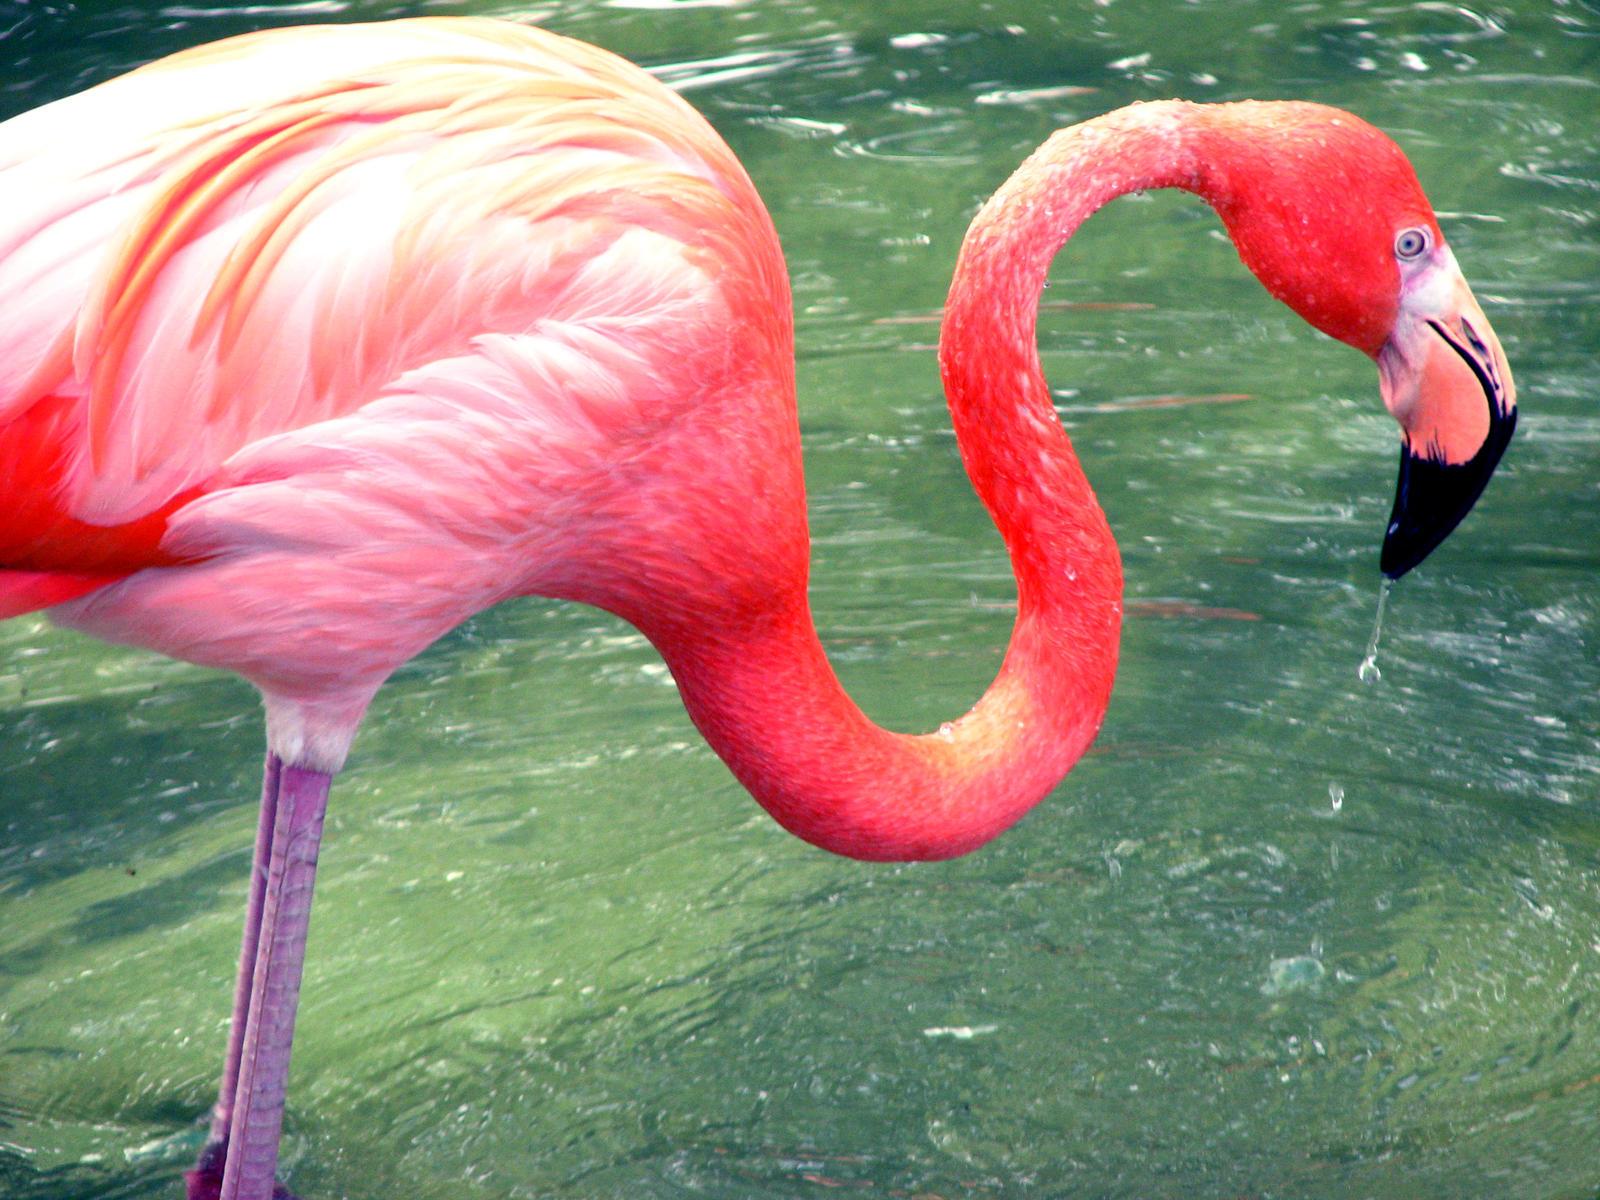 Flamingo I by MoonLitNostalgia